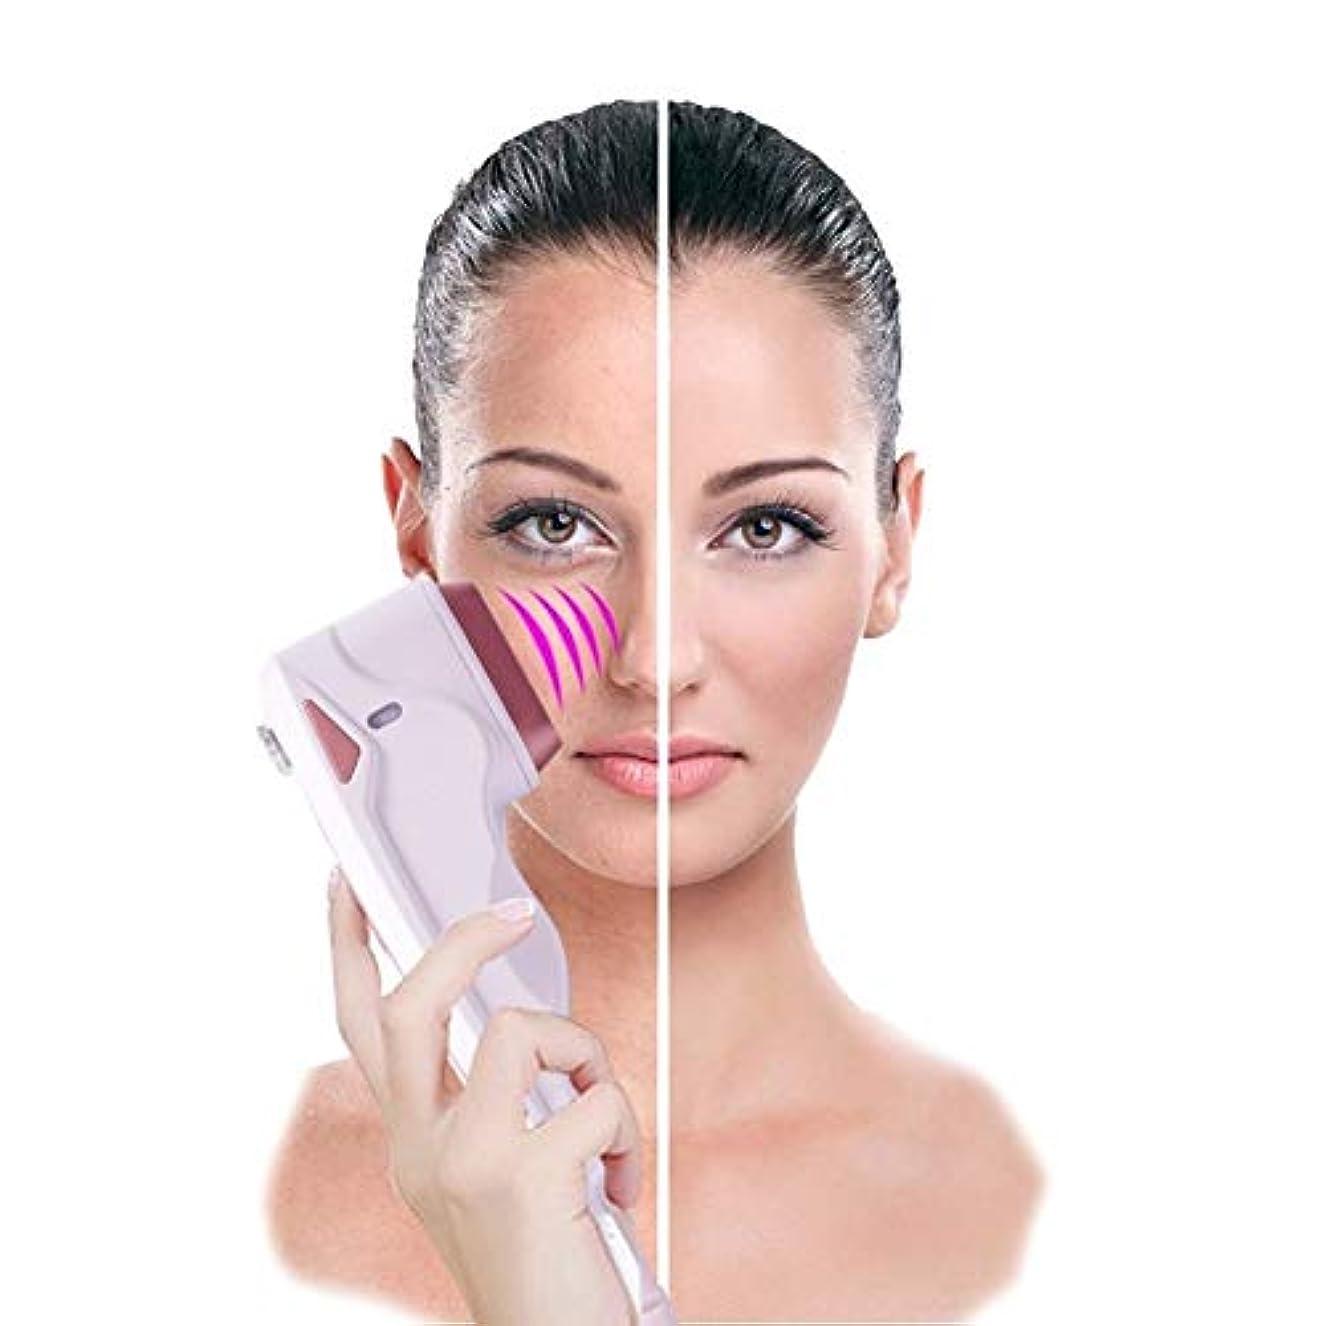 親密な霊市の花美顔術の持ち上がる機械振動無線周波数のしわは反老化のためのスキンケアの美装置を取り除きます、皮膚のきつく締まるガルバニック微電流の改装機械